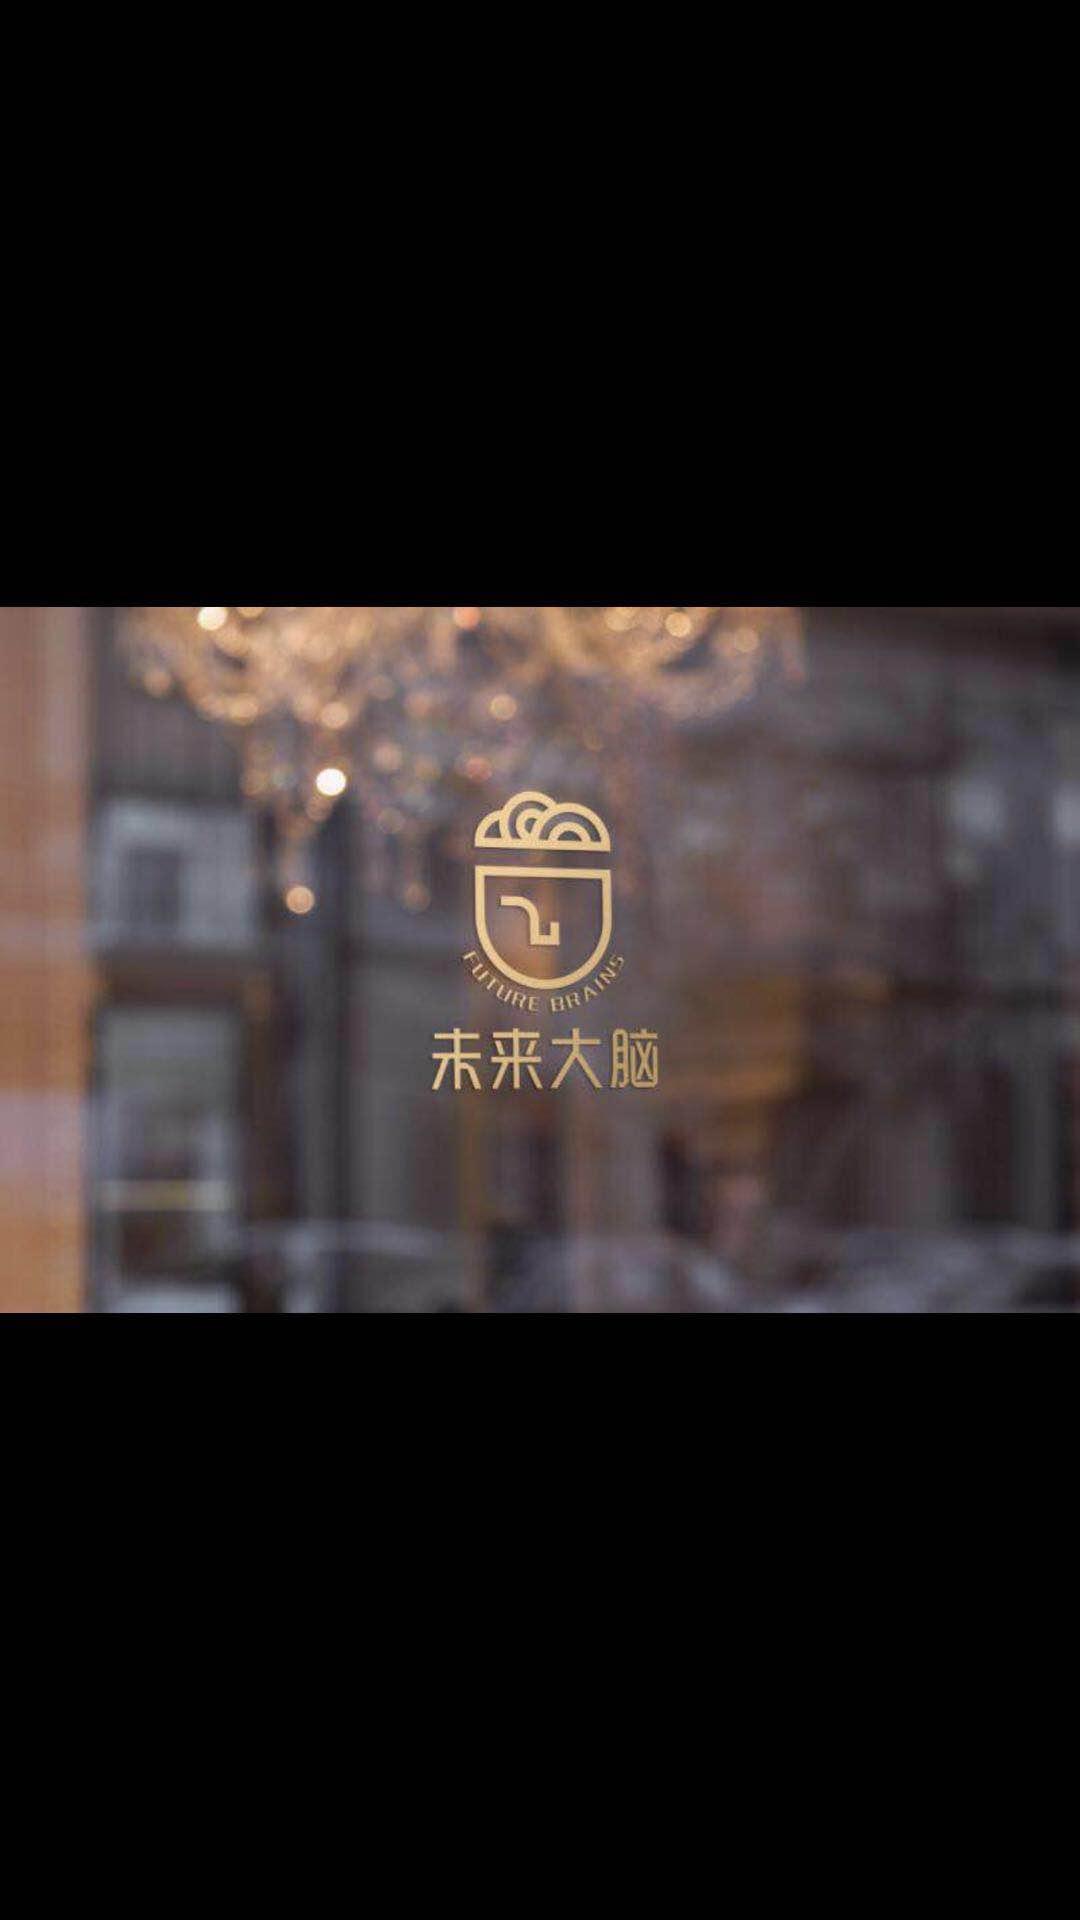 江阴未?#21019;?#33041;管理咨询有限公司logo